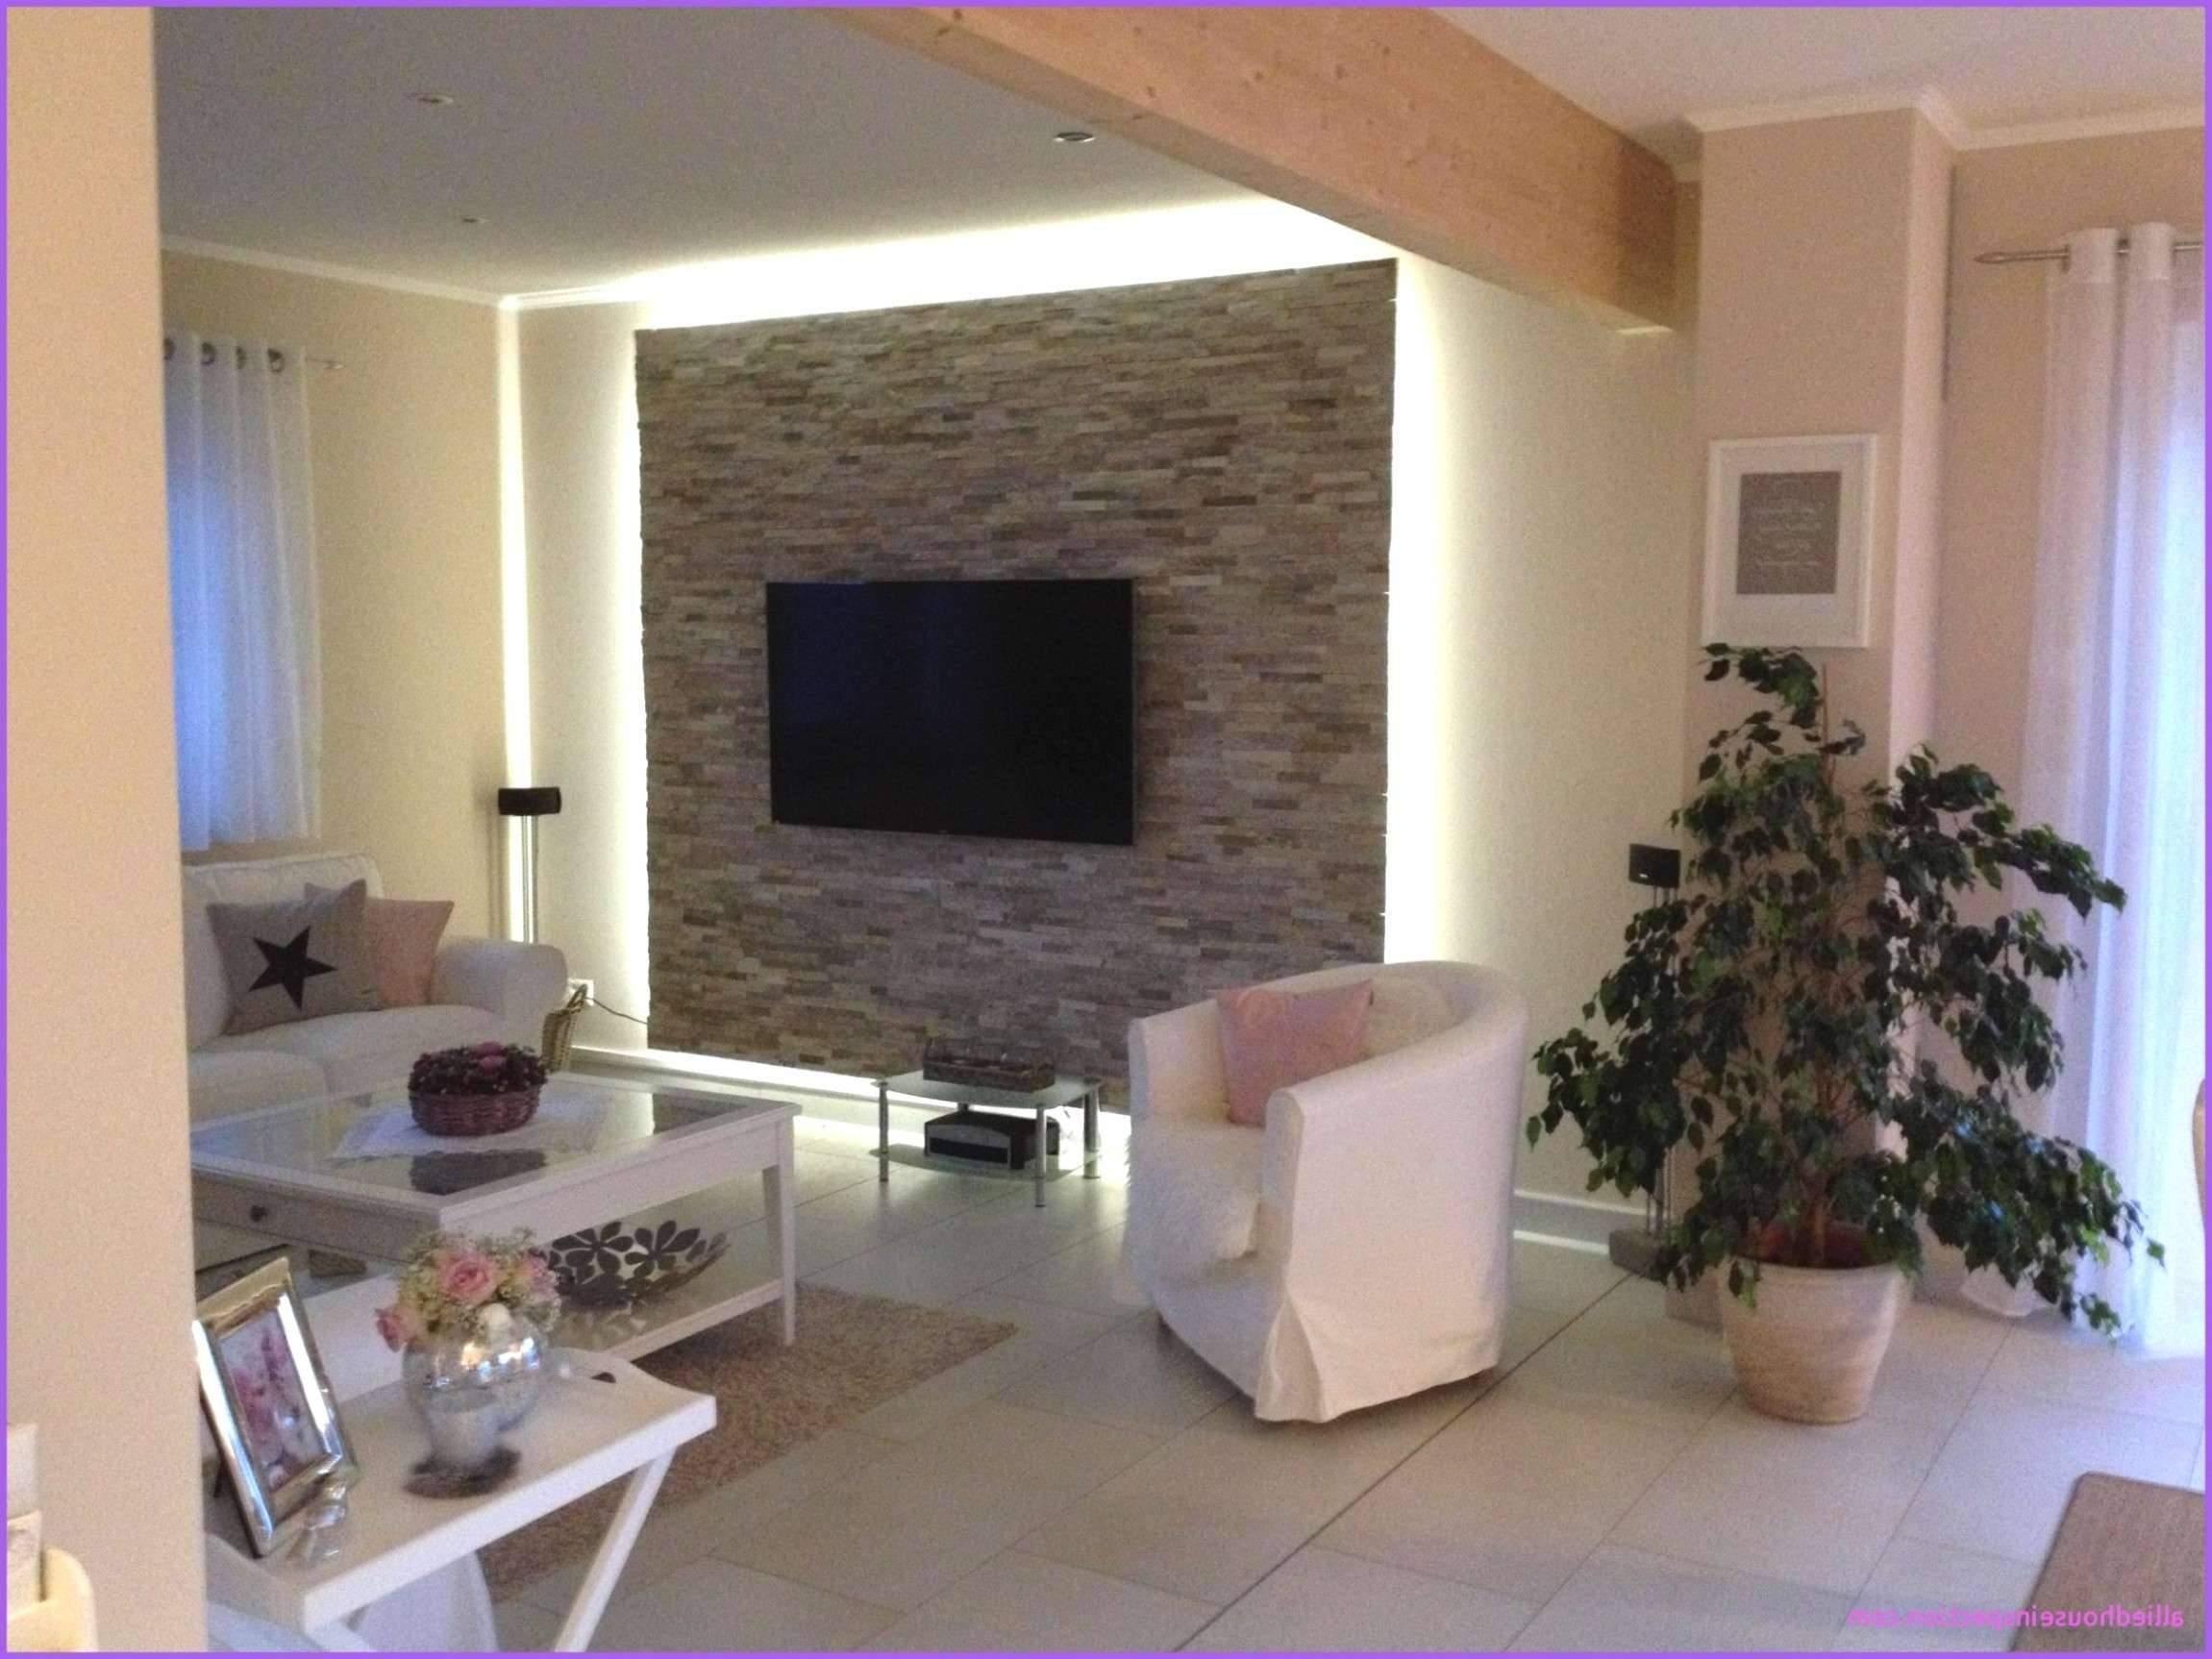 wohnzimmer beleuchtung ideen reizend wand design ideen wohnzimmer reizend of wohnzimmer beleuchtung ideen